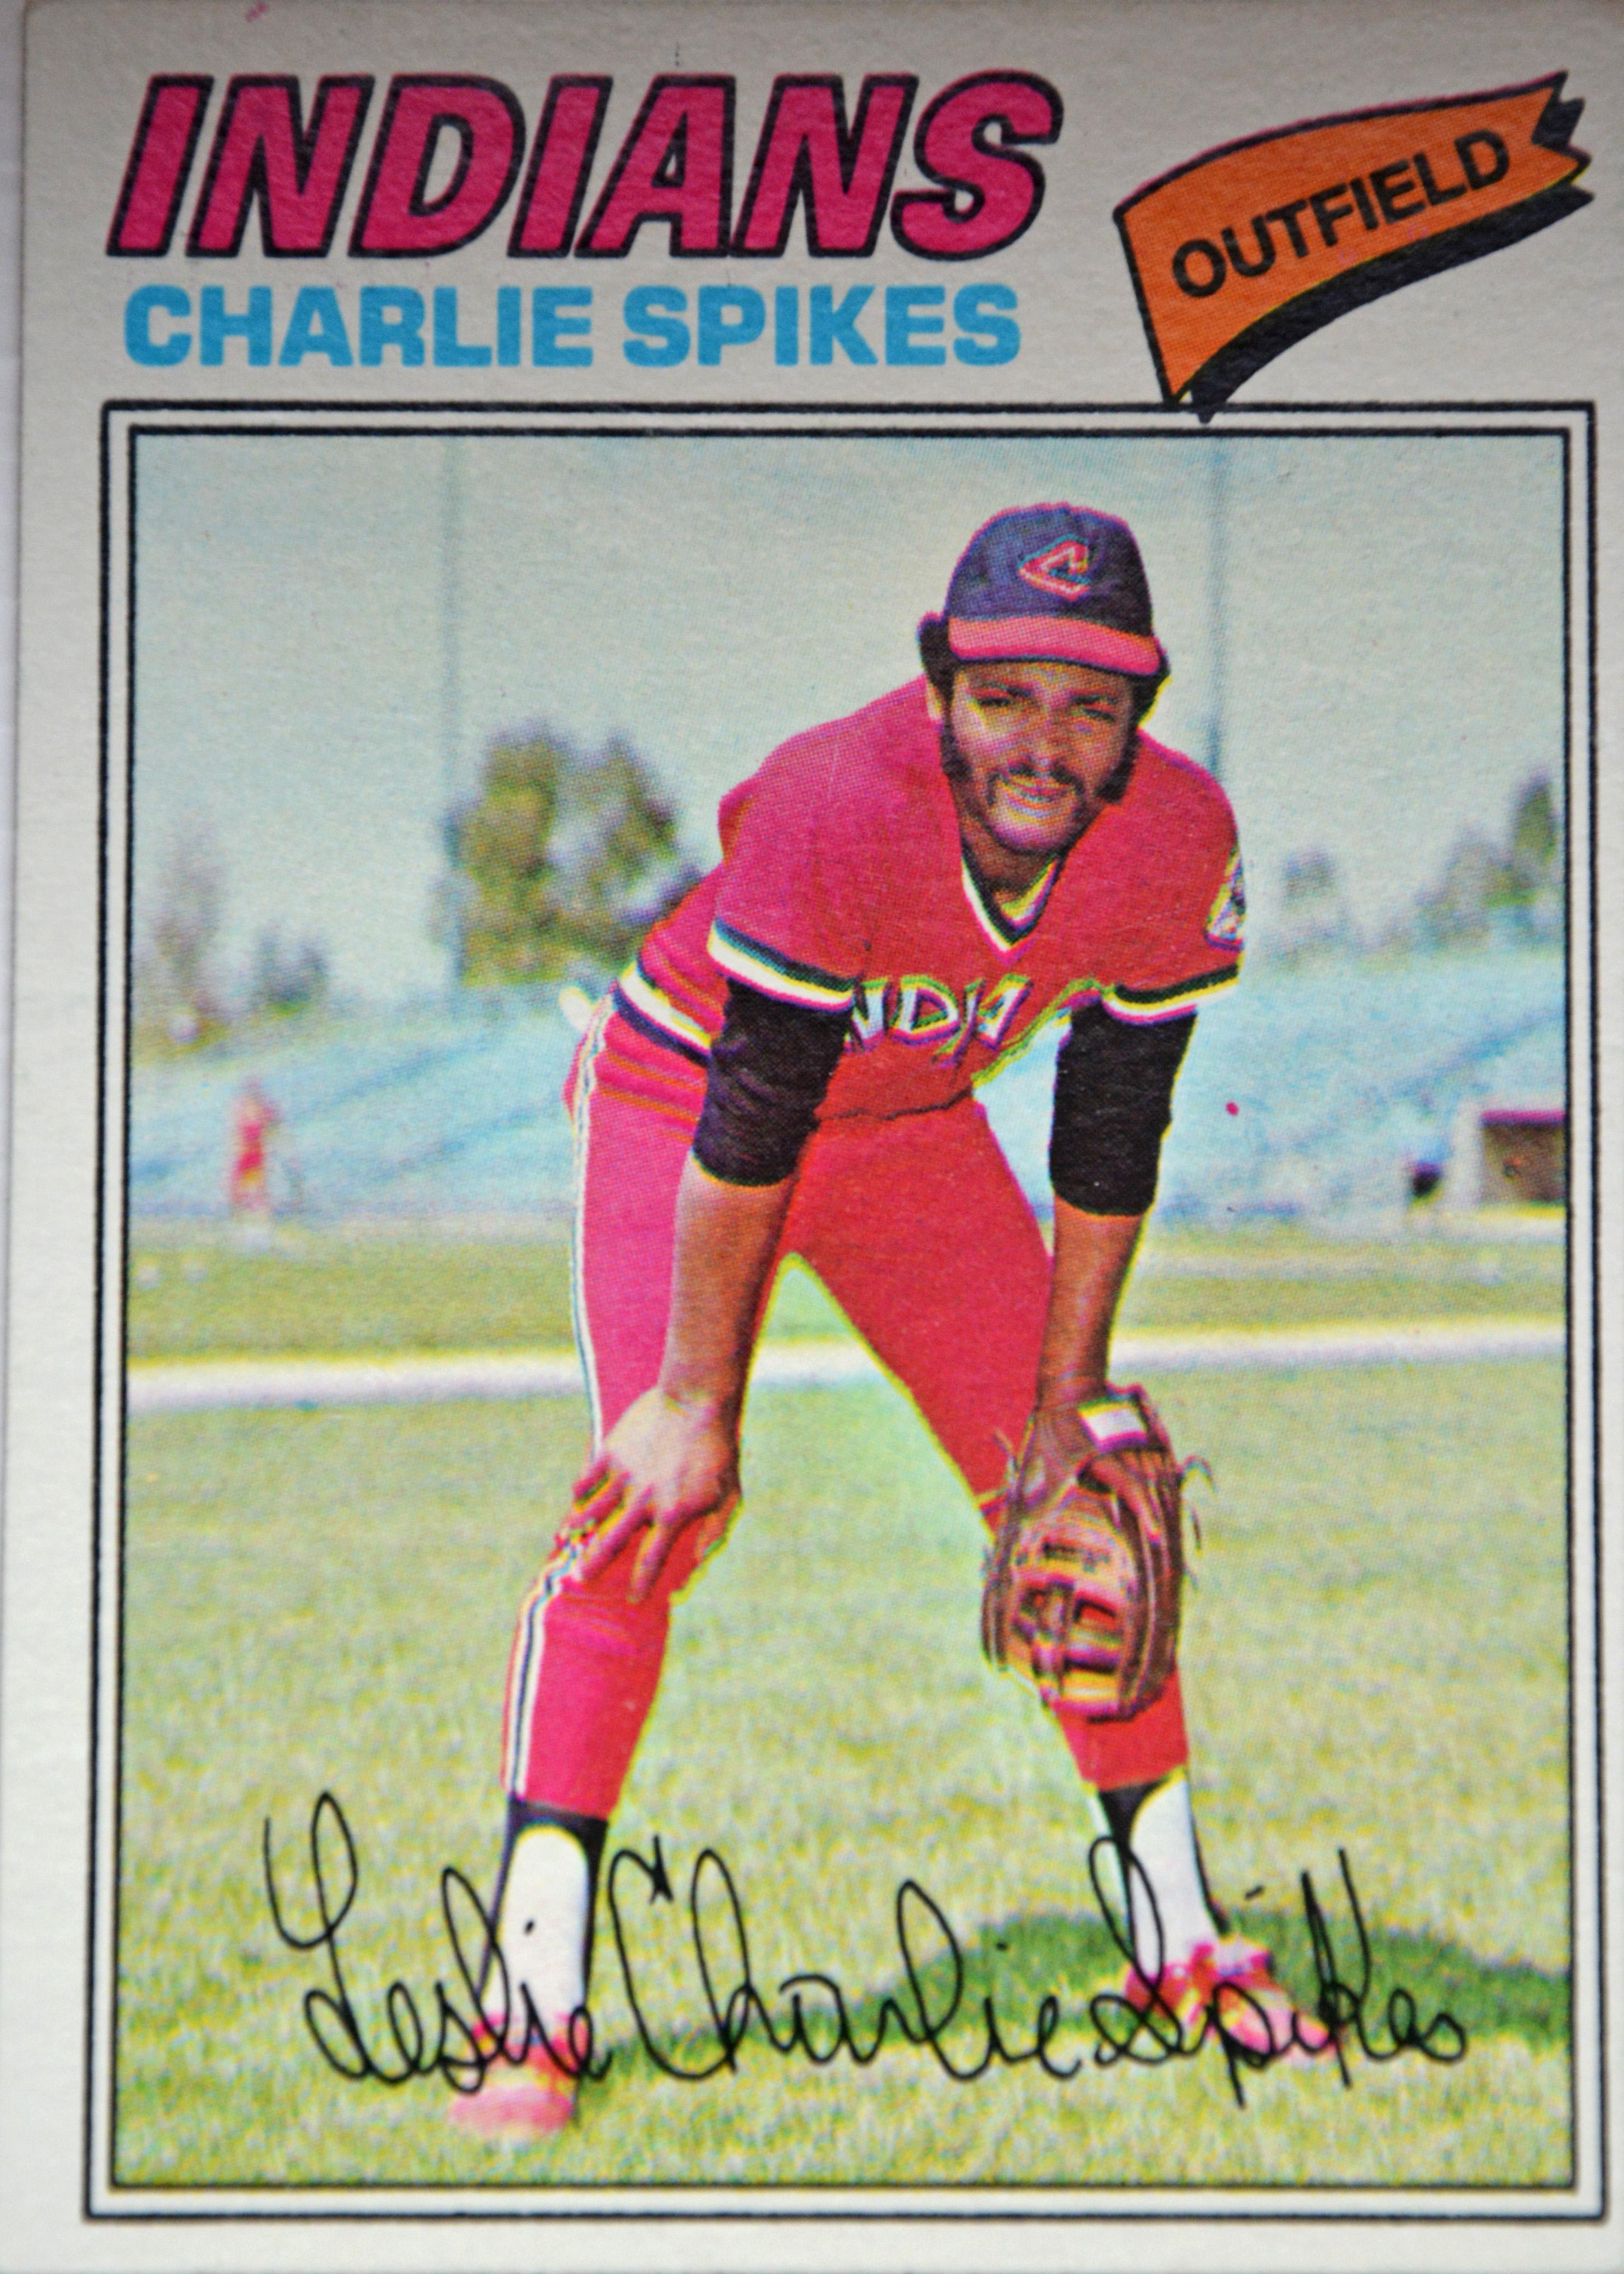 1977 Topps Baseball Cards The Obsessive Neurotic Gardener